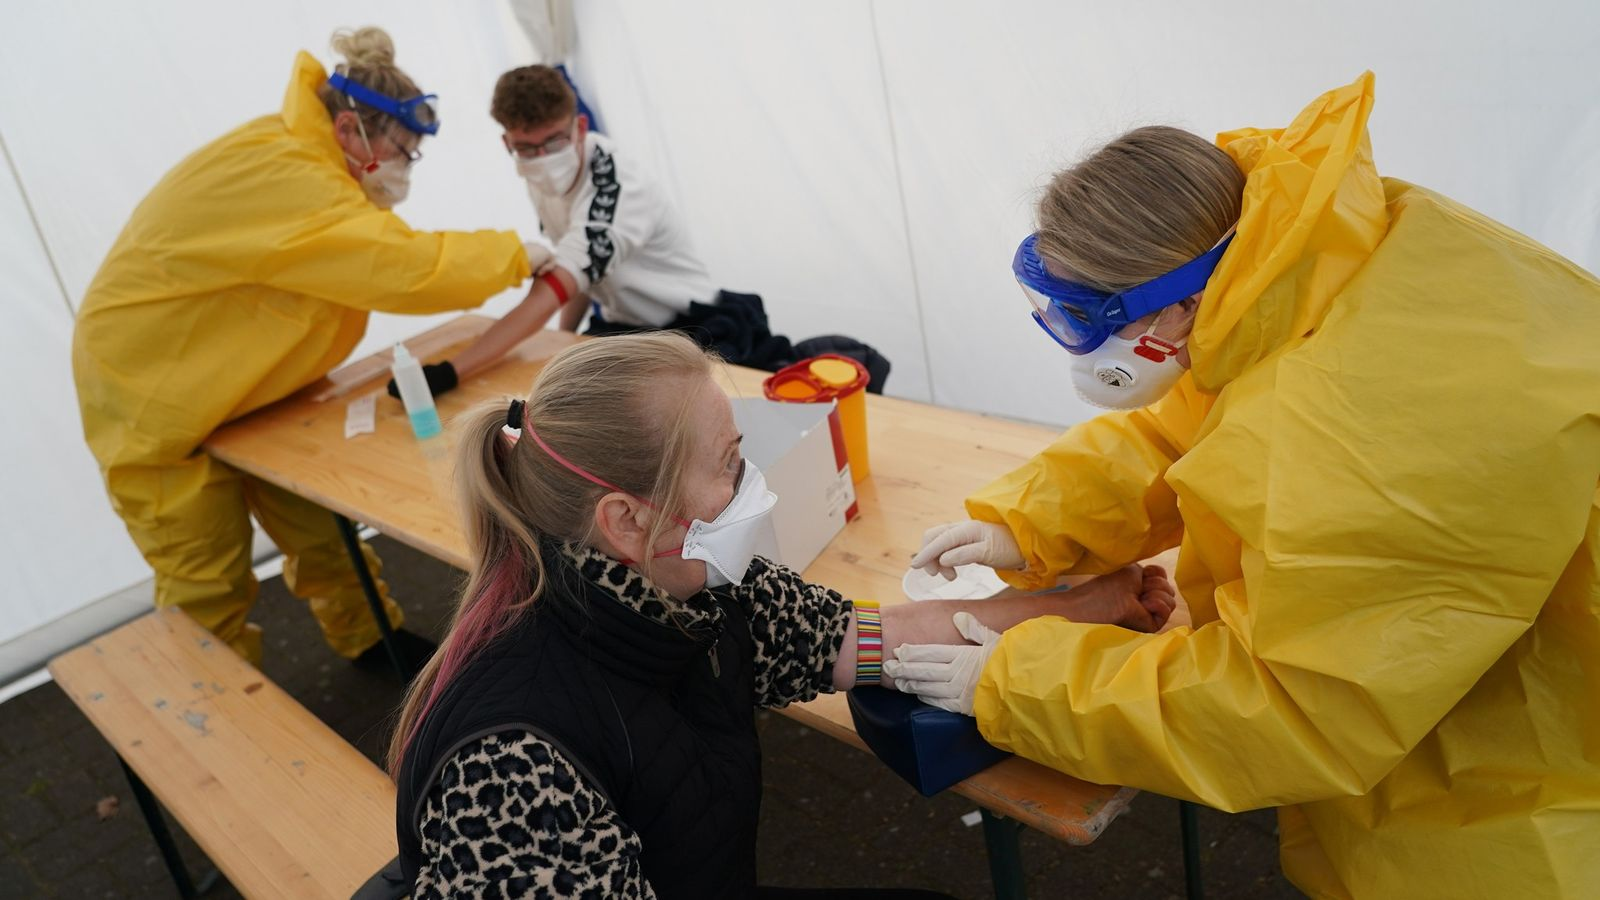 Après avoir enfilé combinaison, masque, gants et lunettes de protection, des soignants volontaires réalisent des prises ...